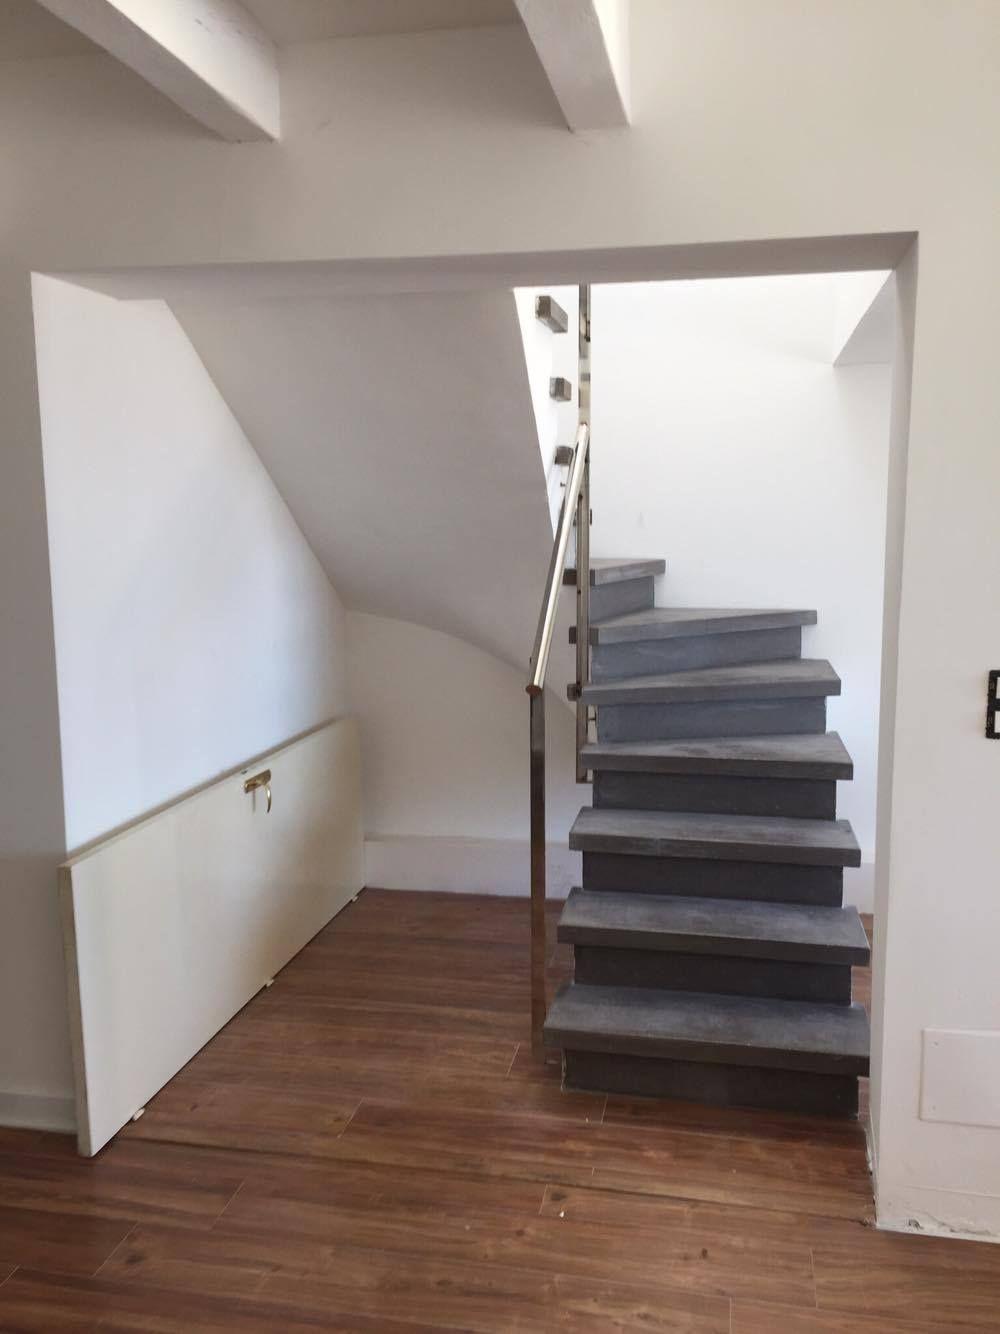 escalier b ton teint gris anthracite 2 4 tournant nez de marche carr vo te sarrasine. Black Bedroom Furniture Sets. Home Design Ideas